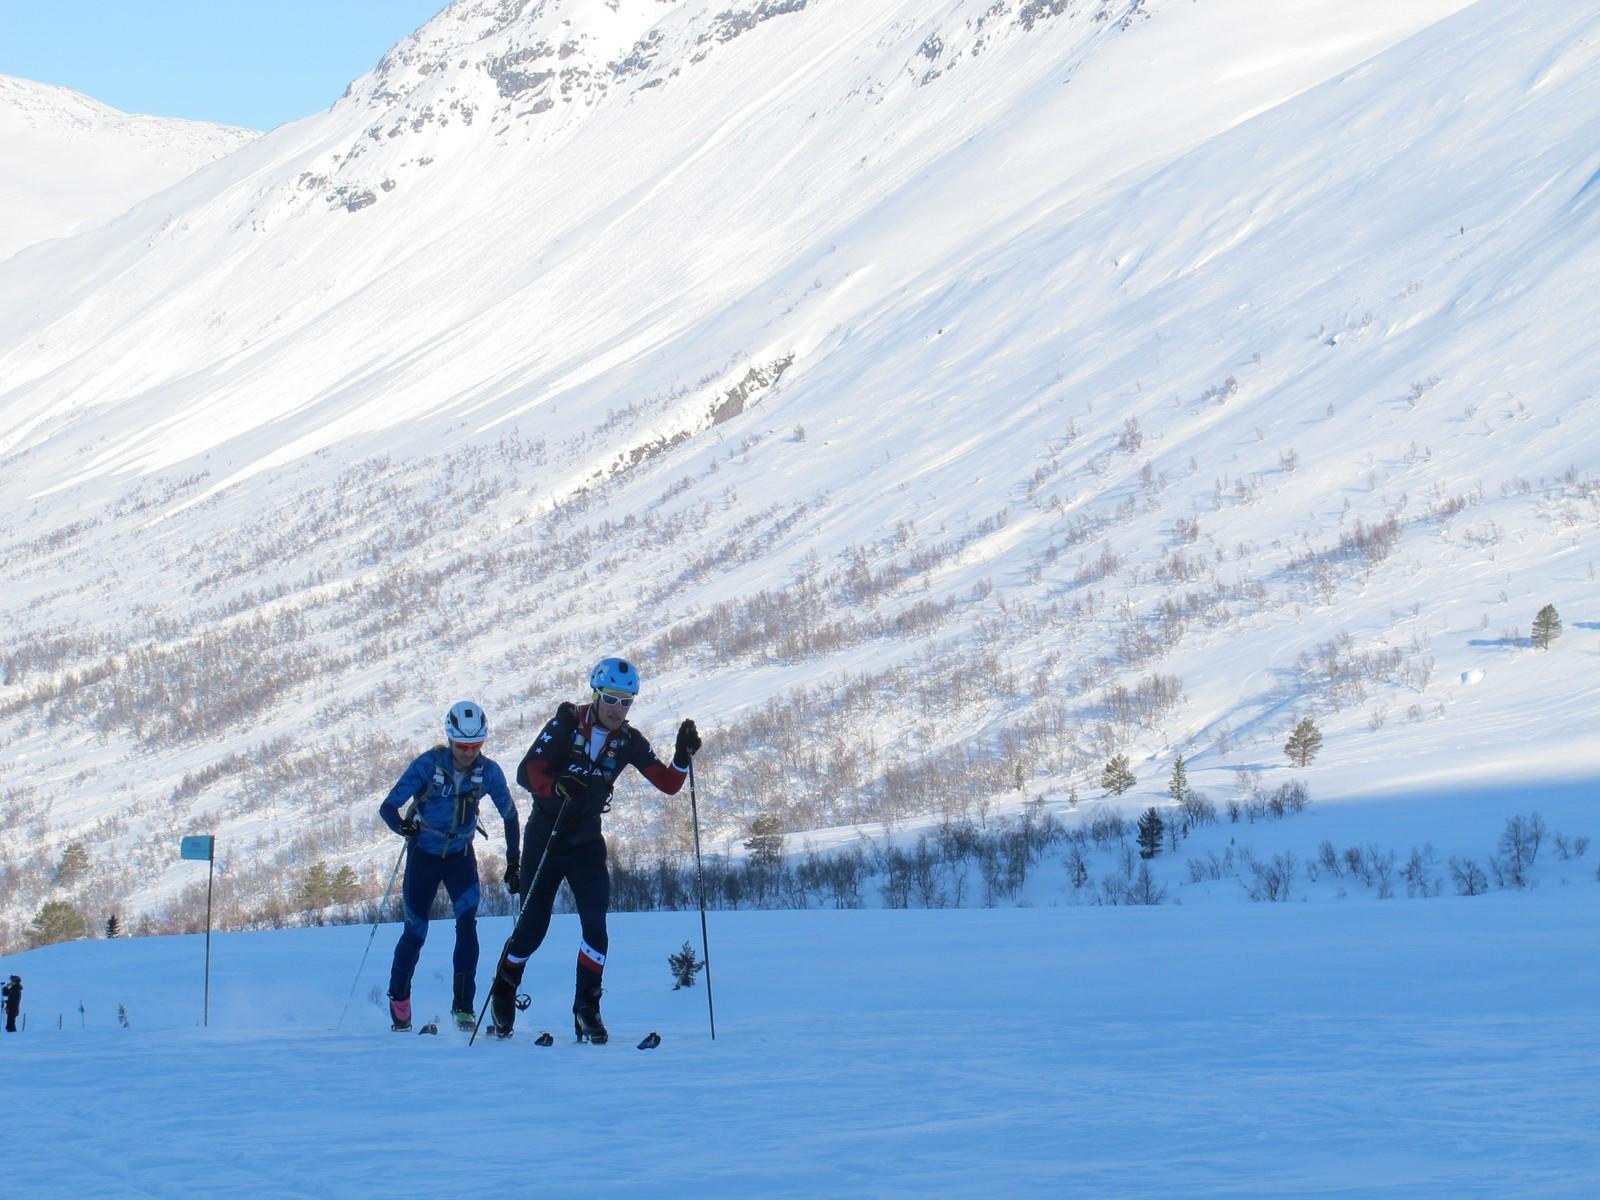 Fanatisk vêr og fine forhold i fjellet skapte dei perfekte kulissane for det første randonee-rennet i fjella rundt Stryn vinterski.